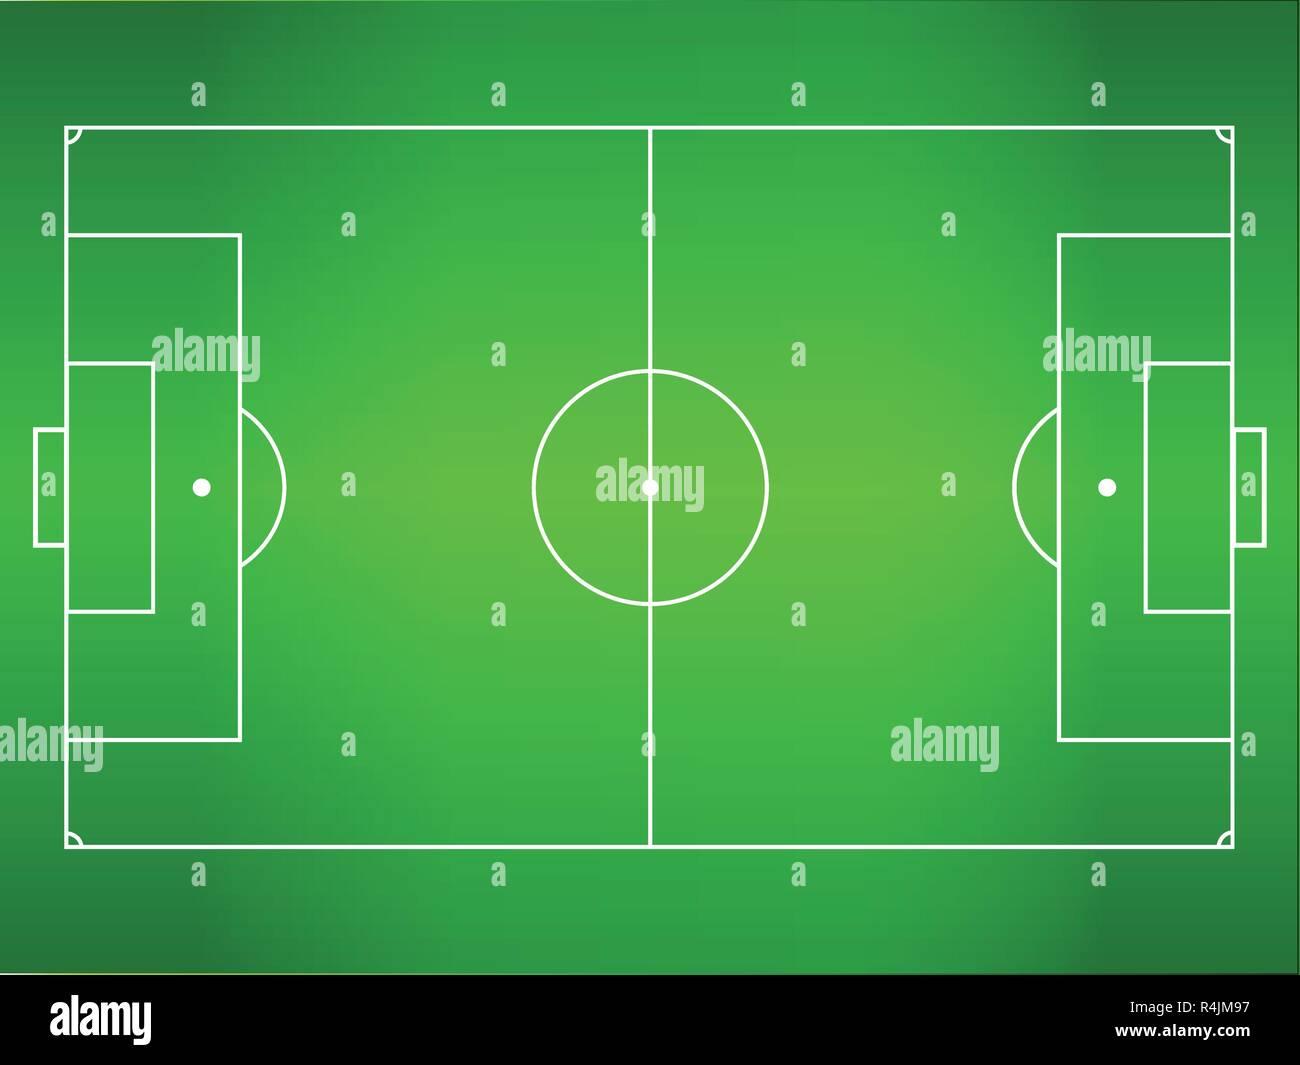 Grunes Gras Fussball Fussball Feld Vektor Abbildung Bild